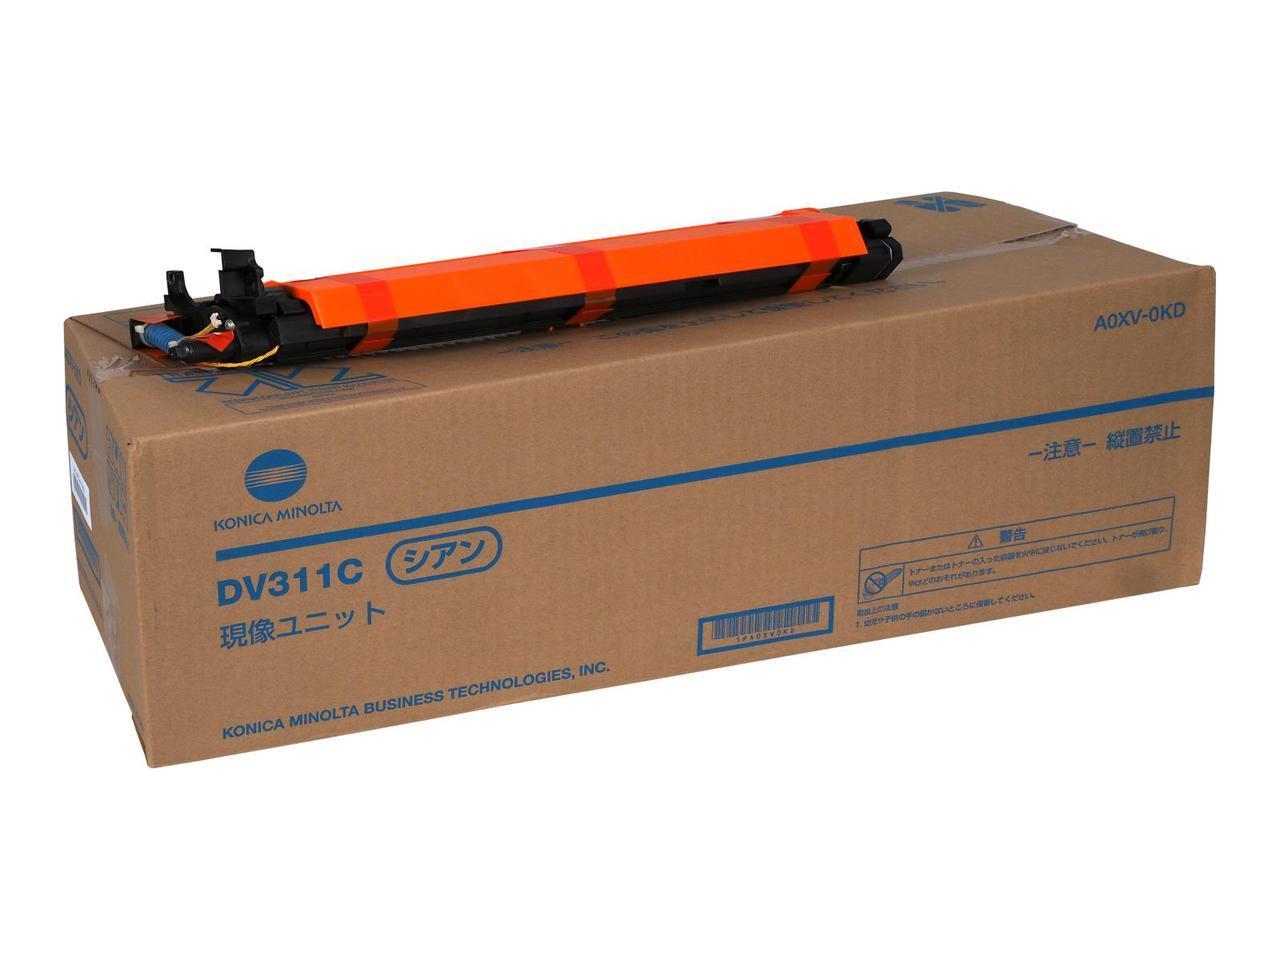 DV-311C Девелопер Cyan (блакитний) на 115 000@5% для bizhub C220/280/360